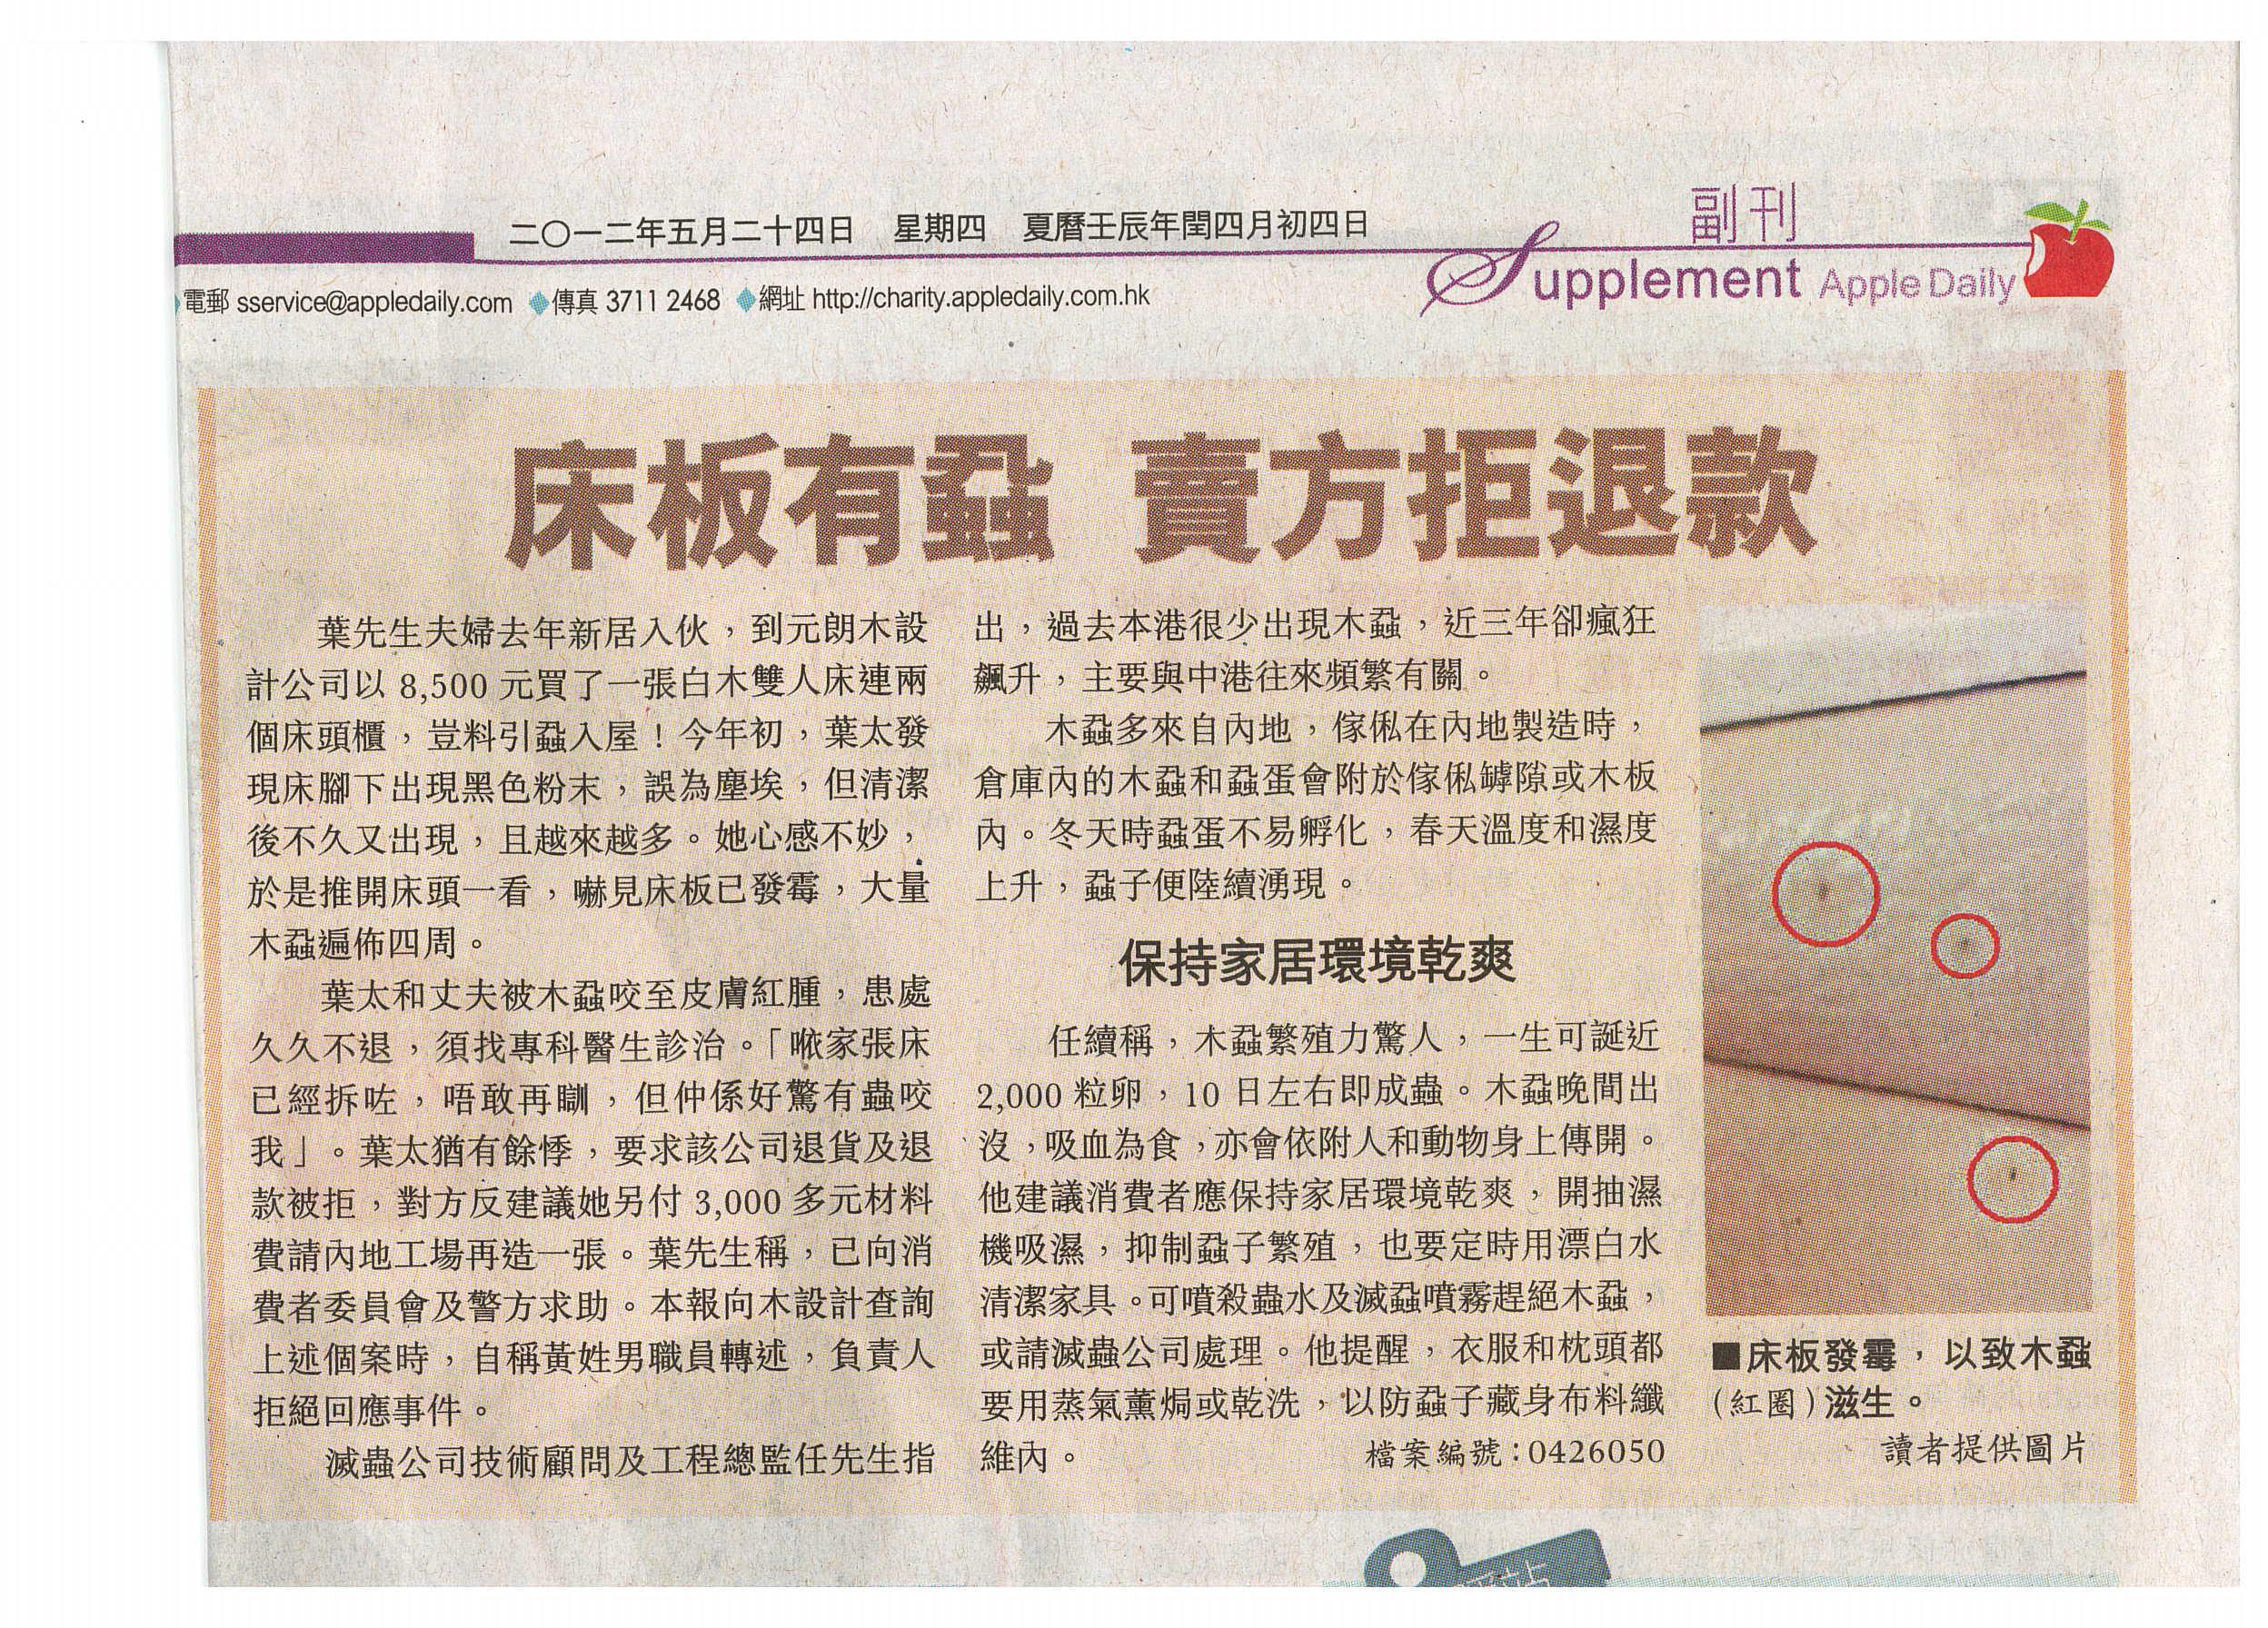 蘋果日報蝨患新聞-任生訪問_20120524